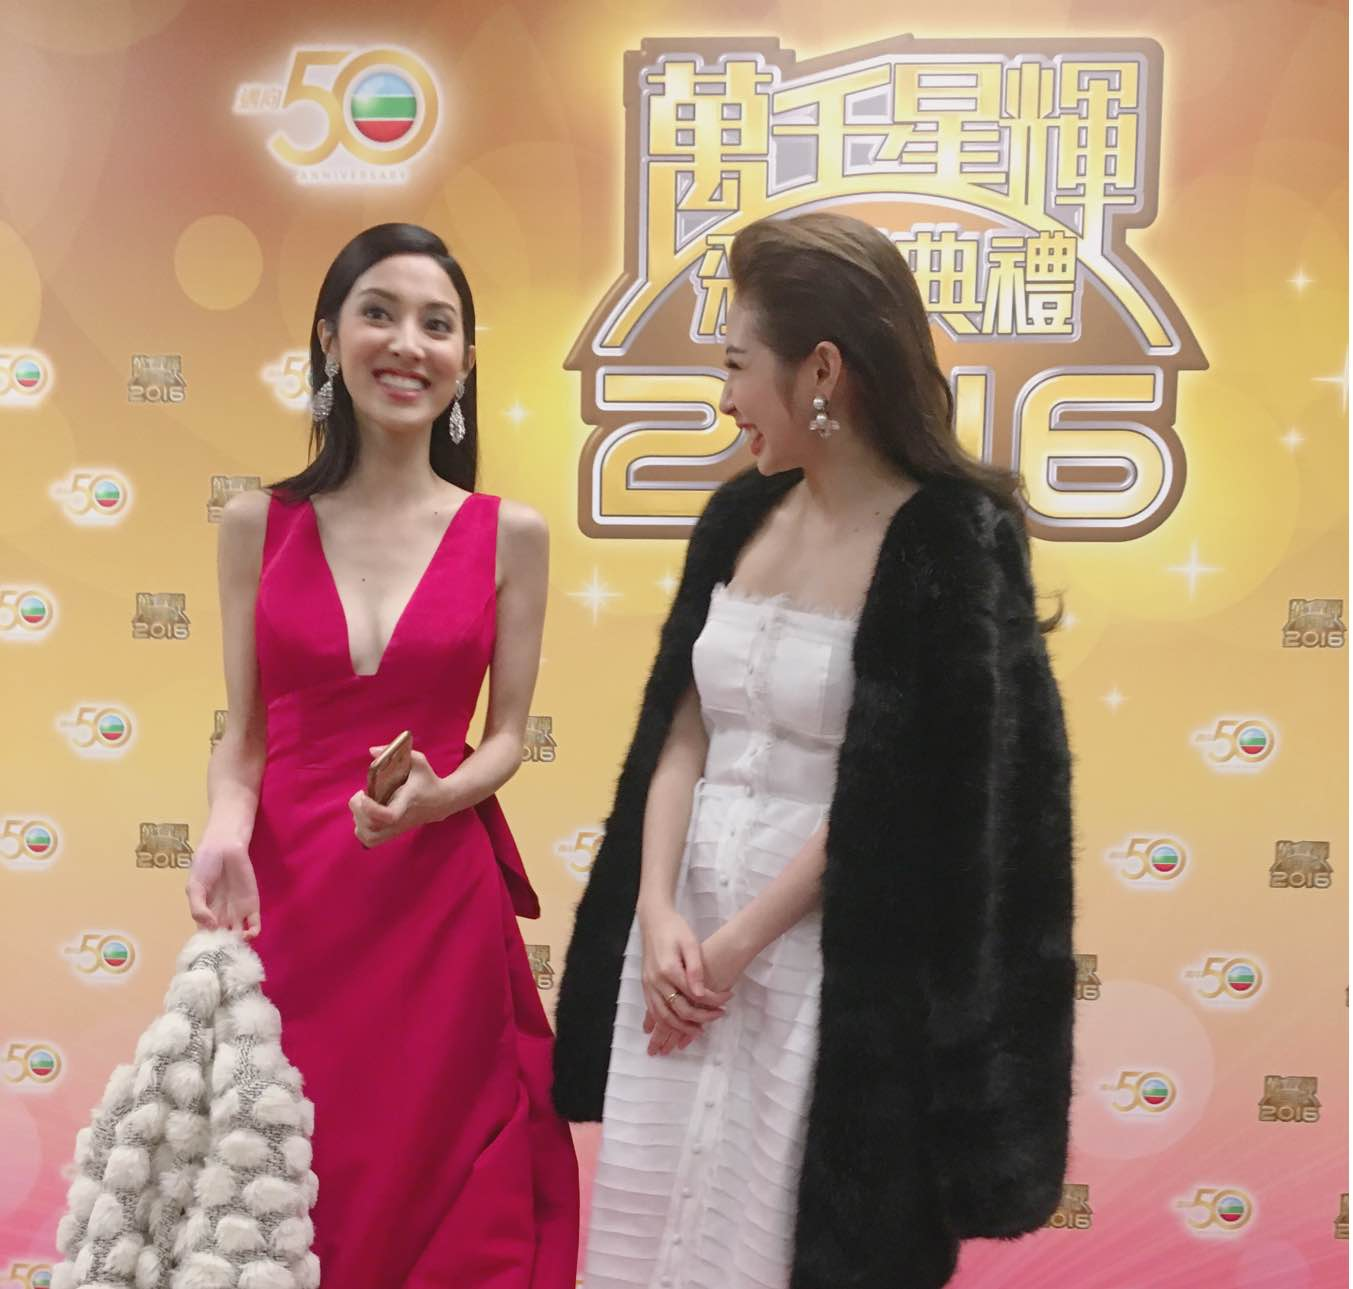 Khổng Tú Quỳnh tham dự lễ trao giải TVB, đọ dáng cùng Hoa hậu Hồng Kông - Ảnh 5.